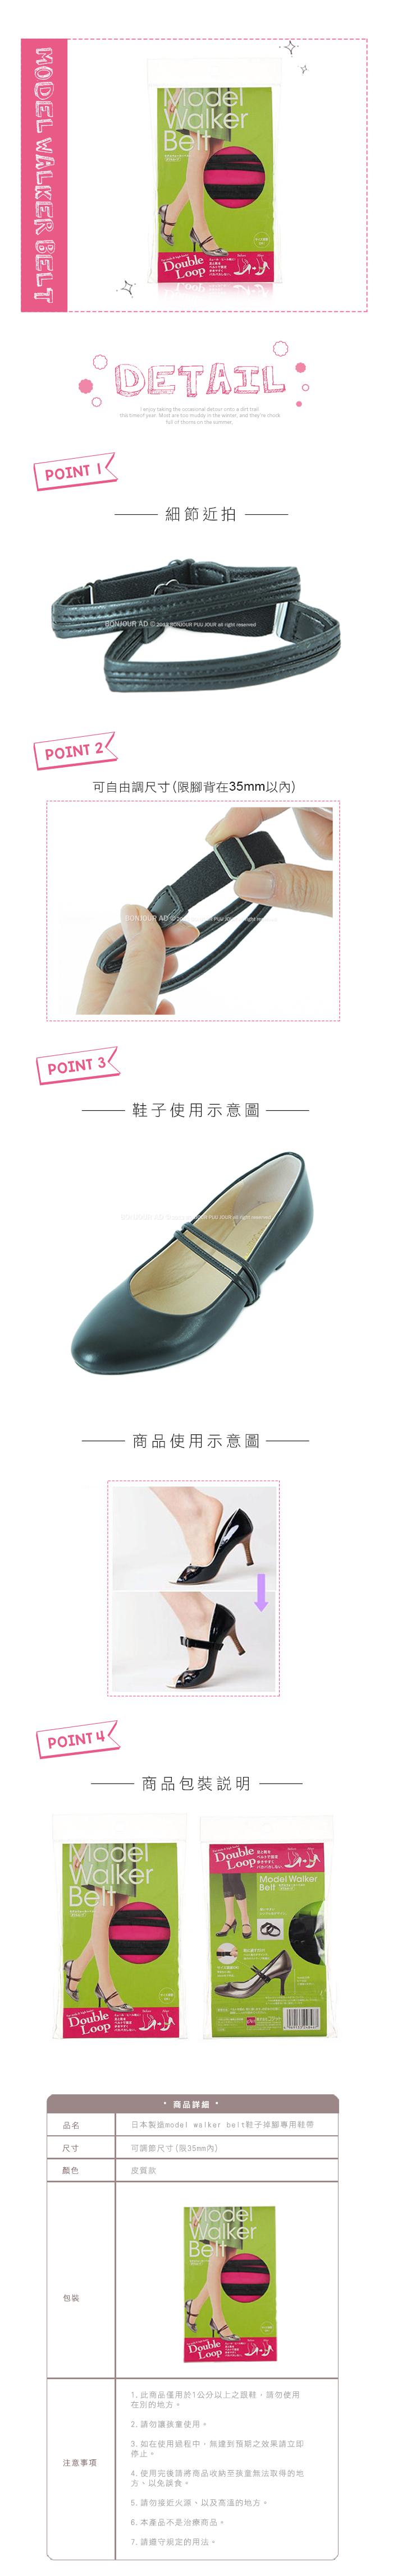 http://shop.r10s.com/2139f320-ec8c-11e4-ac44-005056b756e3/upload/ShoeBelt-infor.jpg